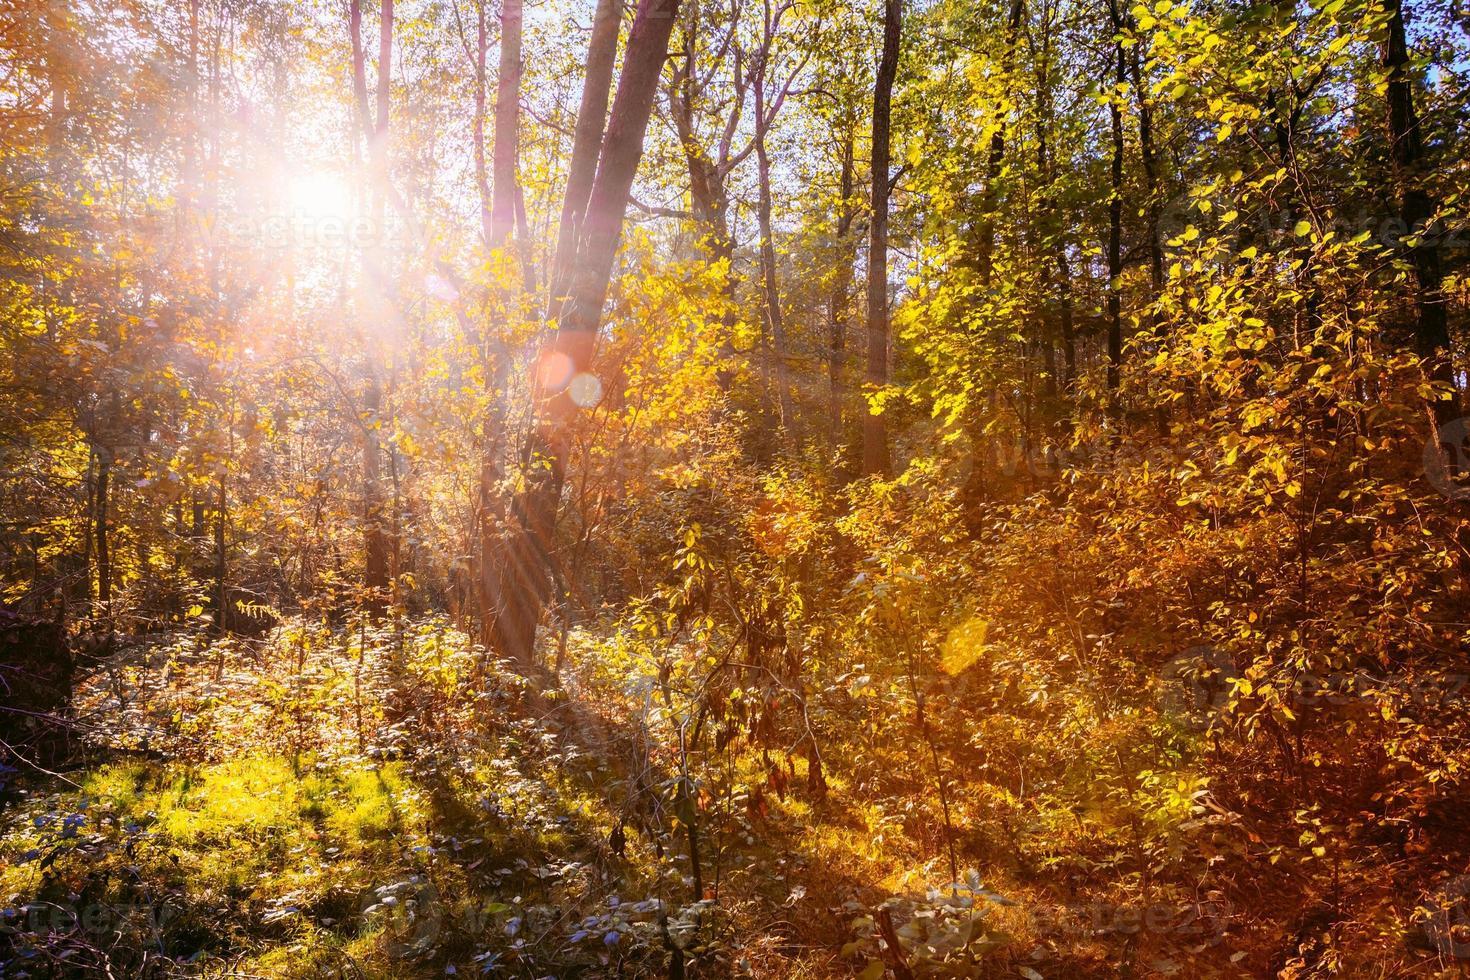 journée ensoleillée en automne arbres forestiers ensoleillés. bois nature, soleil photo